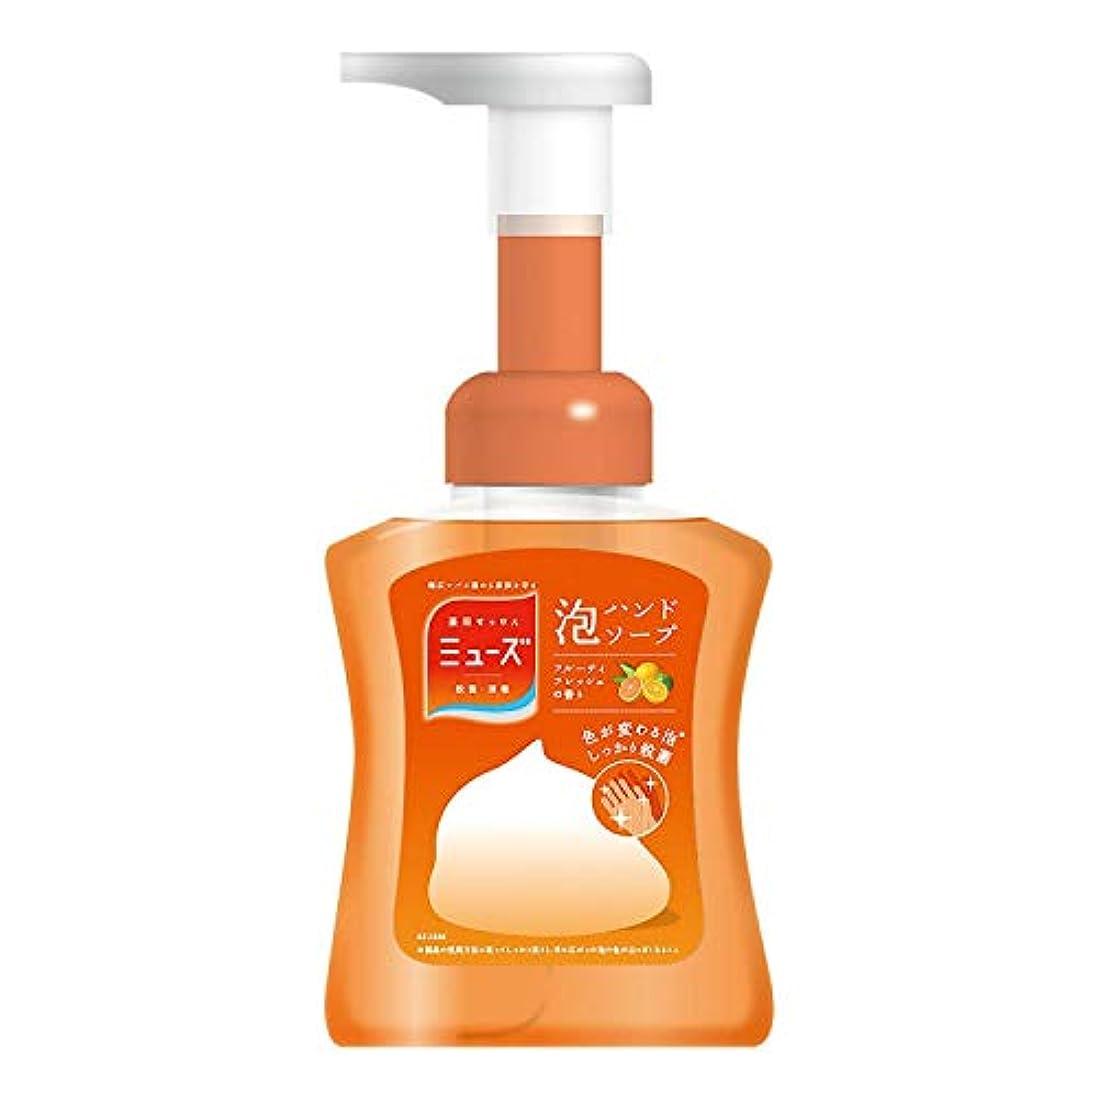 すみませんキャプチャーロール【医薬部外品】ミューズ 泡 ハンドソープ フルーティフレッシュの香り 色が変わる泡 本体ボトル 250ml 殺菌 消毒 手洗い 保湿成分配合